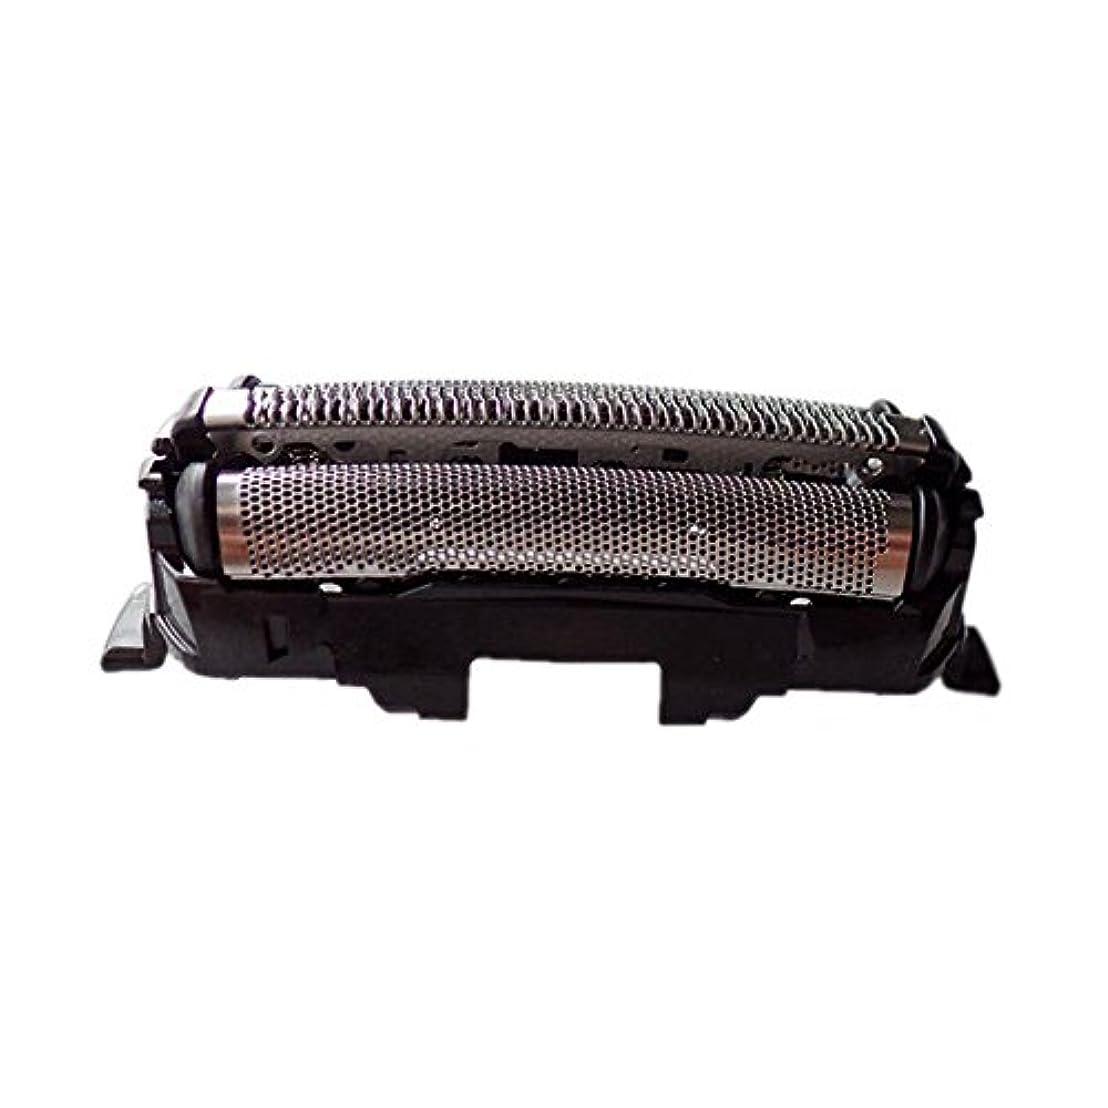 窒息させるエリート肌寒いXinvision 回転式シェーバー替刃 シェーバーパーツ シェーバー パーツ 部品 外刃 替刃 耐用 for Panasonic ES9087 ES8113 ES8116 ES-LT22/LT31